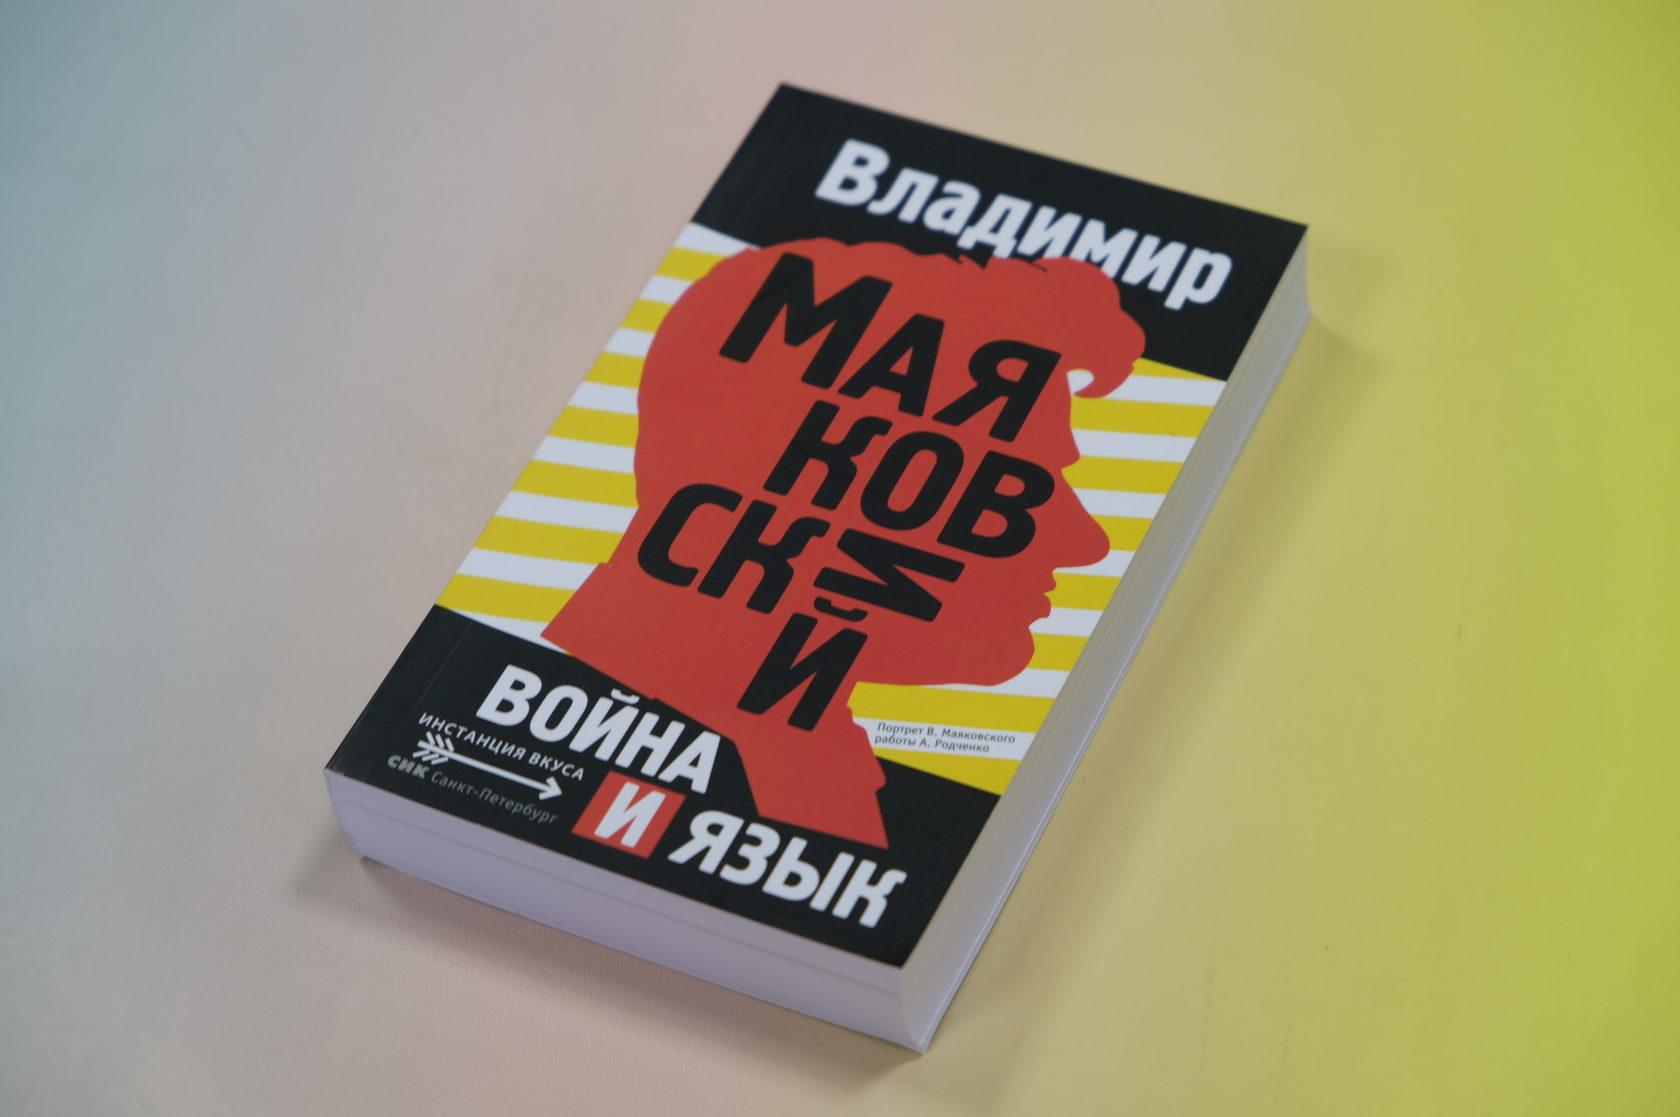 Владимир Маяковский «Война и язык» 978-5-904744-34-2